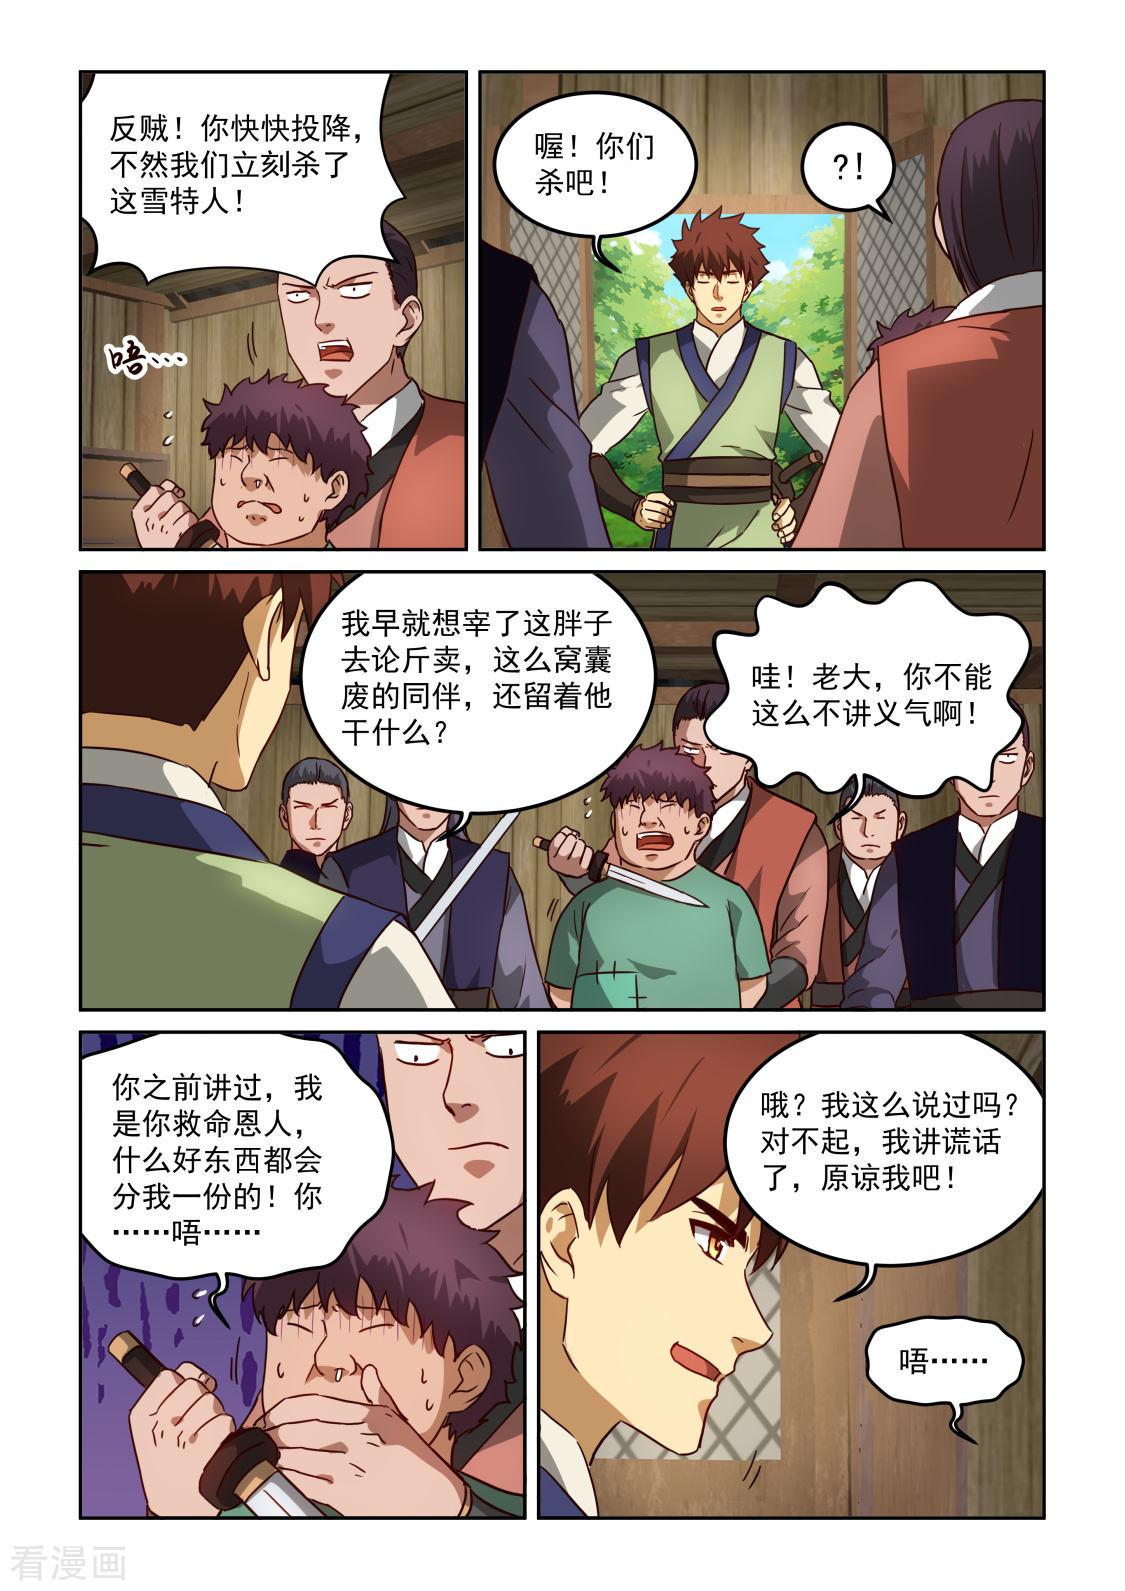 風姿物語: 3季37话 藏匿点危机 - 第11页